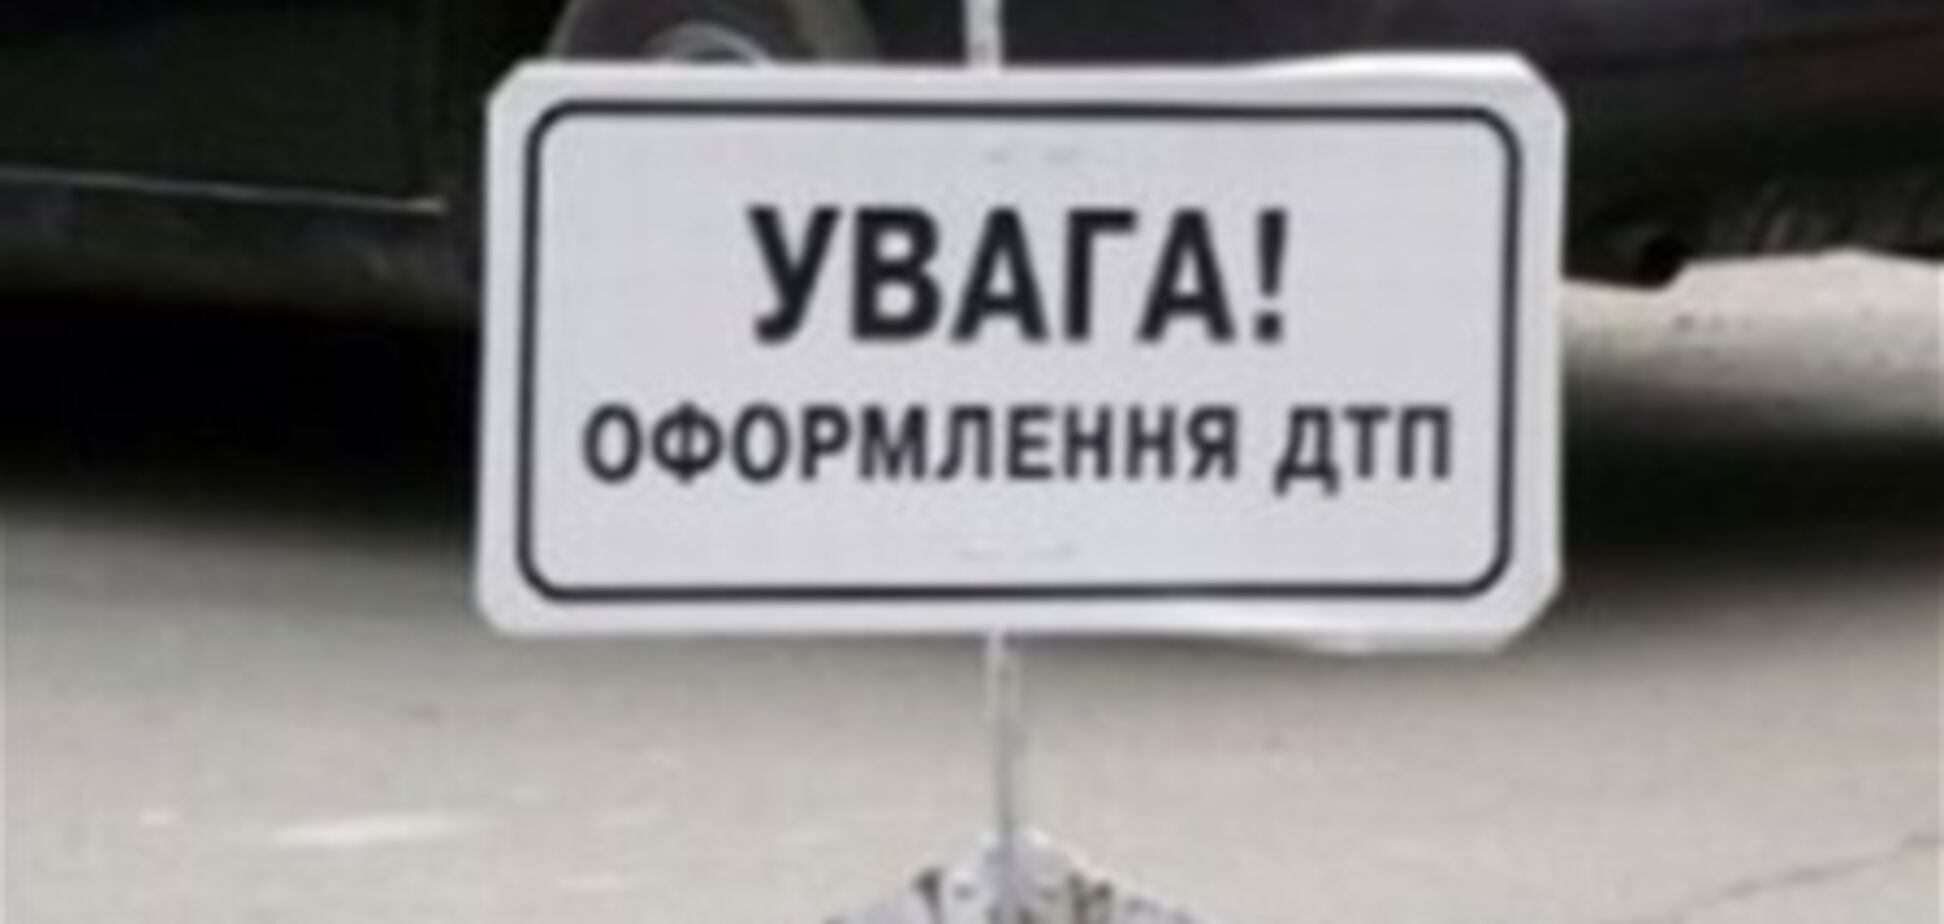 В Запорожье перевернулась маршрутка с пассажирами: есть пострадавшие